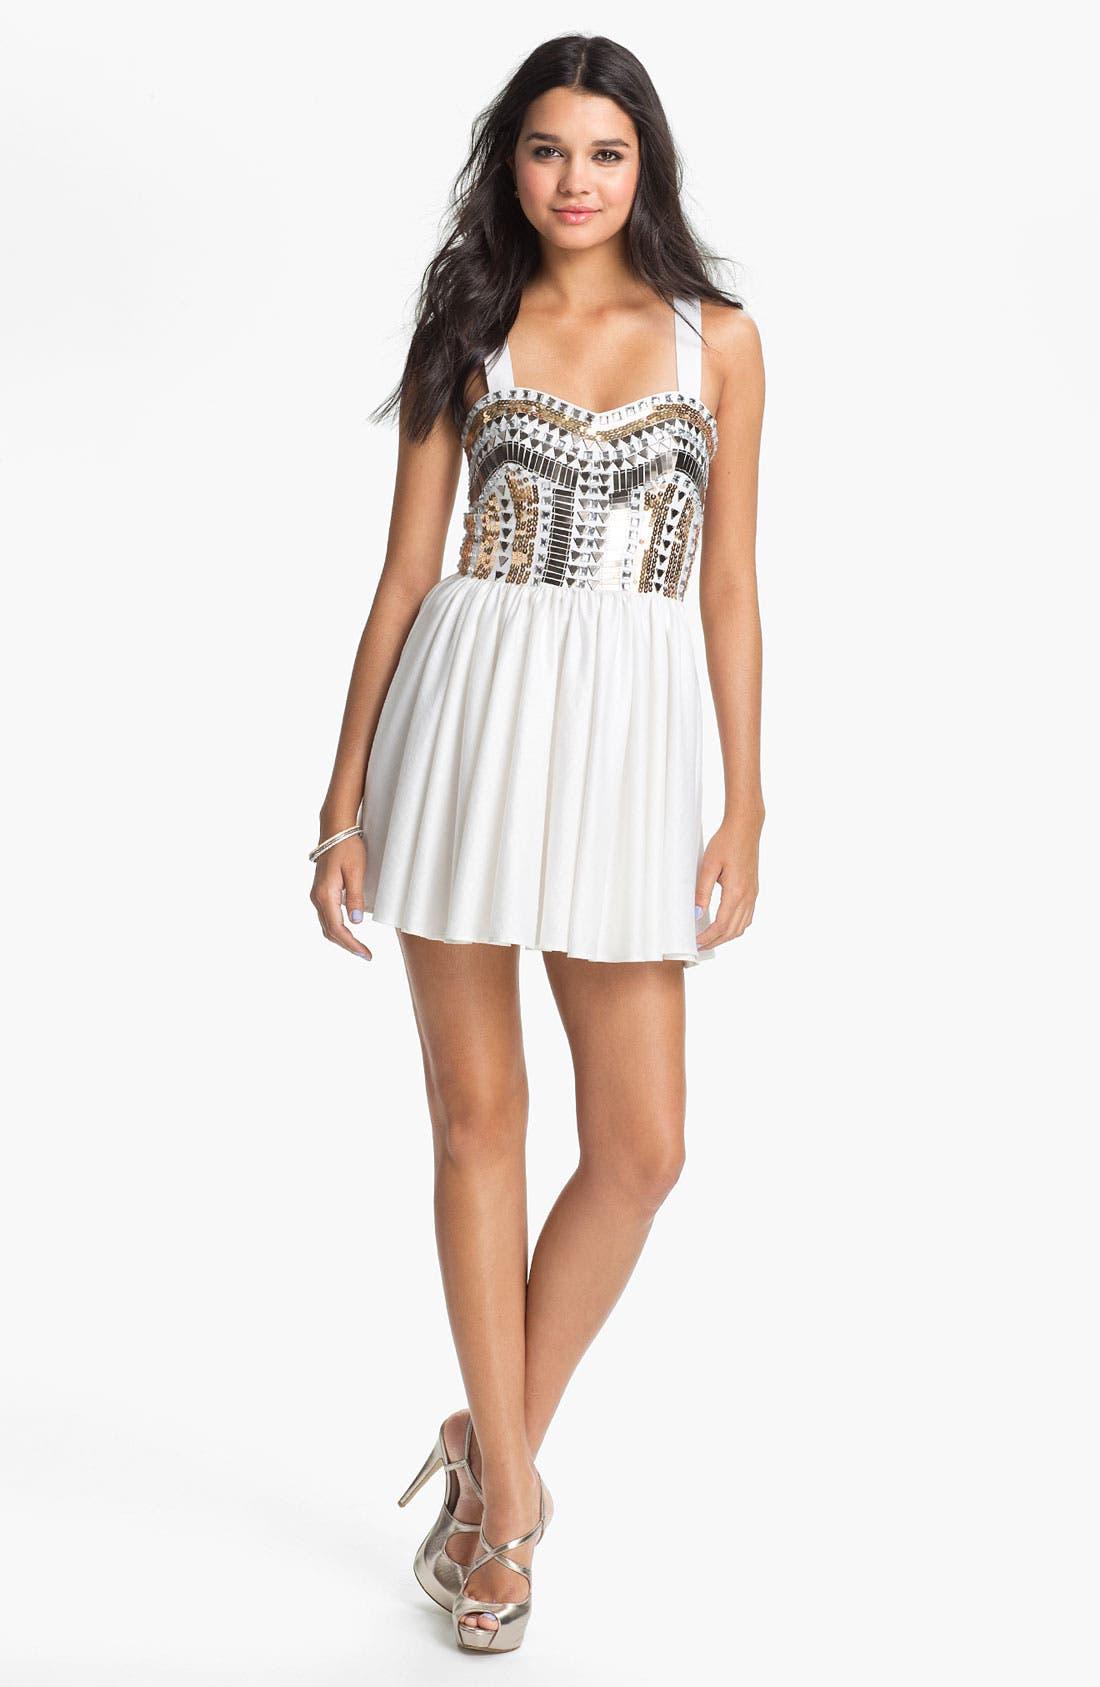 Alternate Image 1 Selected - Keepsake the Label 'Force of Nature' Embellished Dress